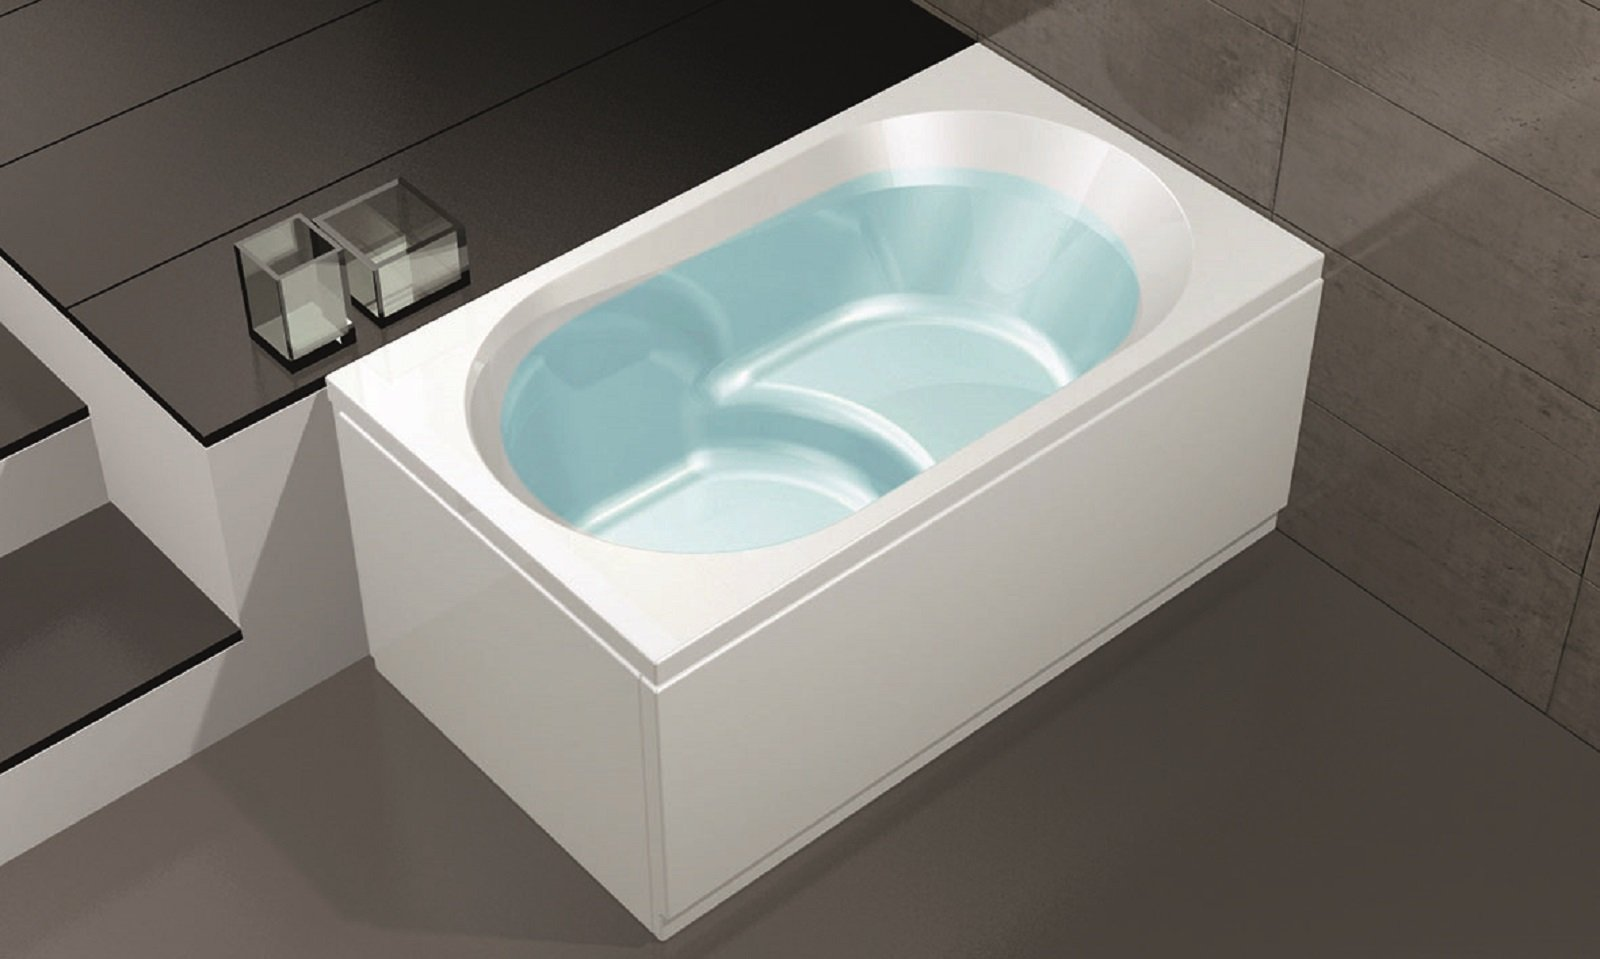 Vasche Da Bagno A Sedere Dimensioni : Vasche da bagno con seduta ryogomasuyama com per vasca jpg